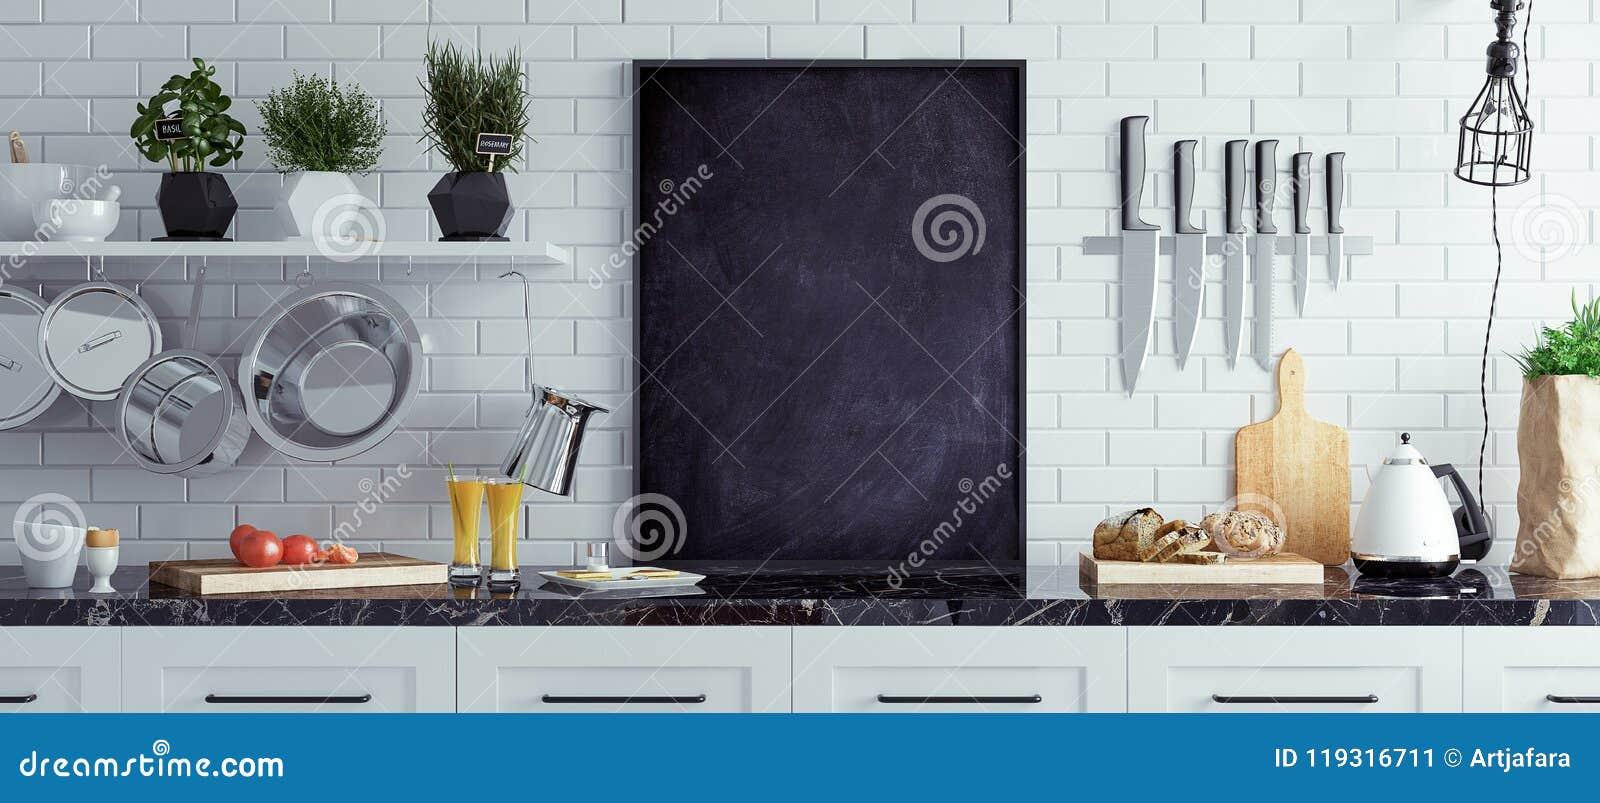 Raillez vers le haut du tableau dans la cuisine intérieure, style scandinave, fond panoramique